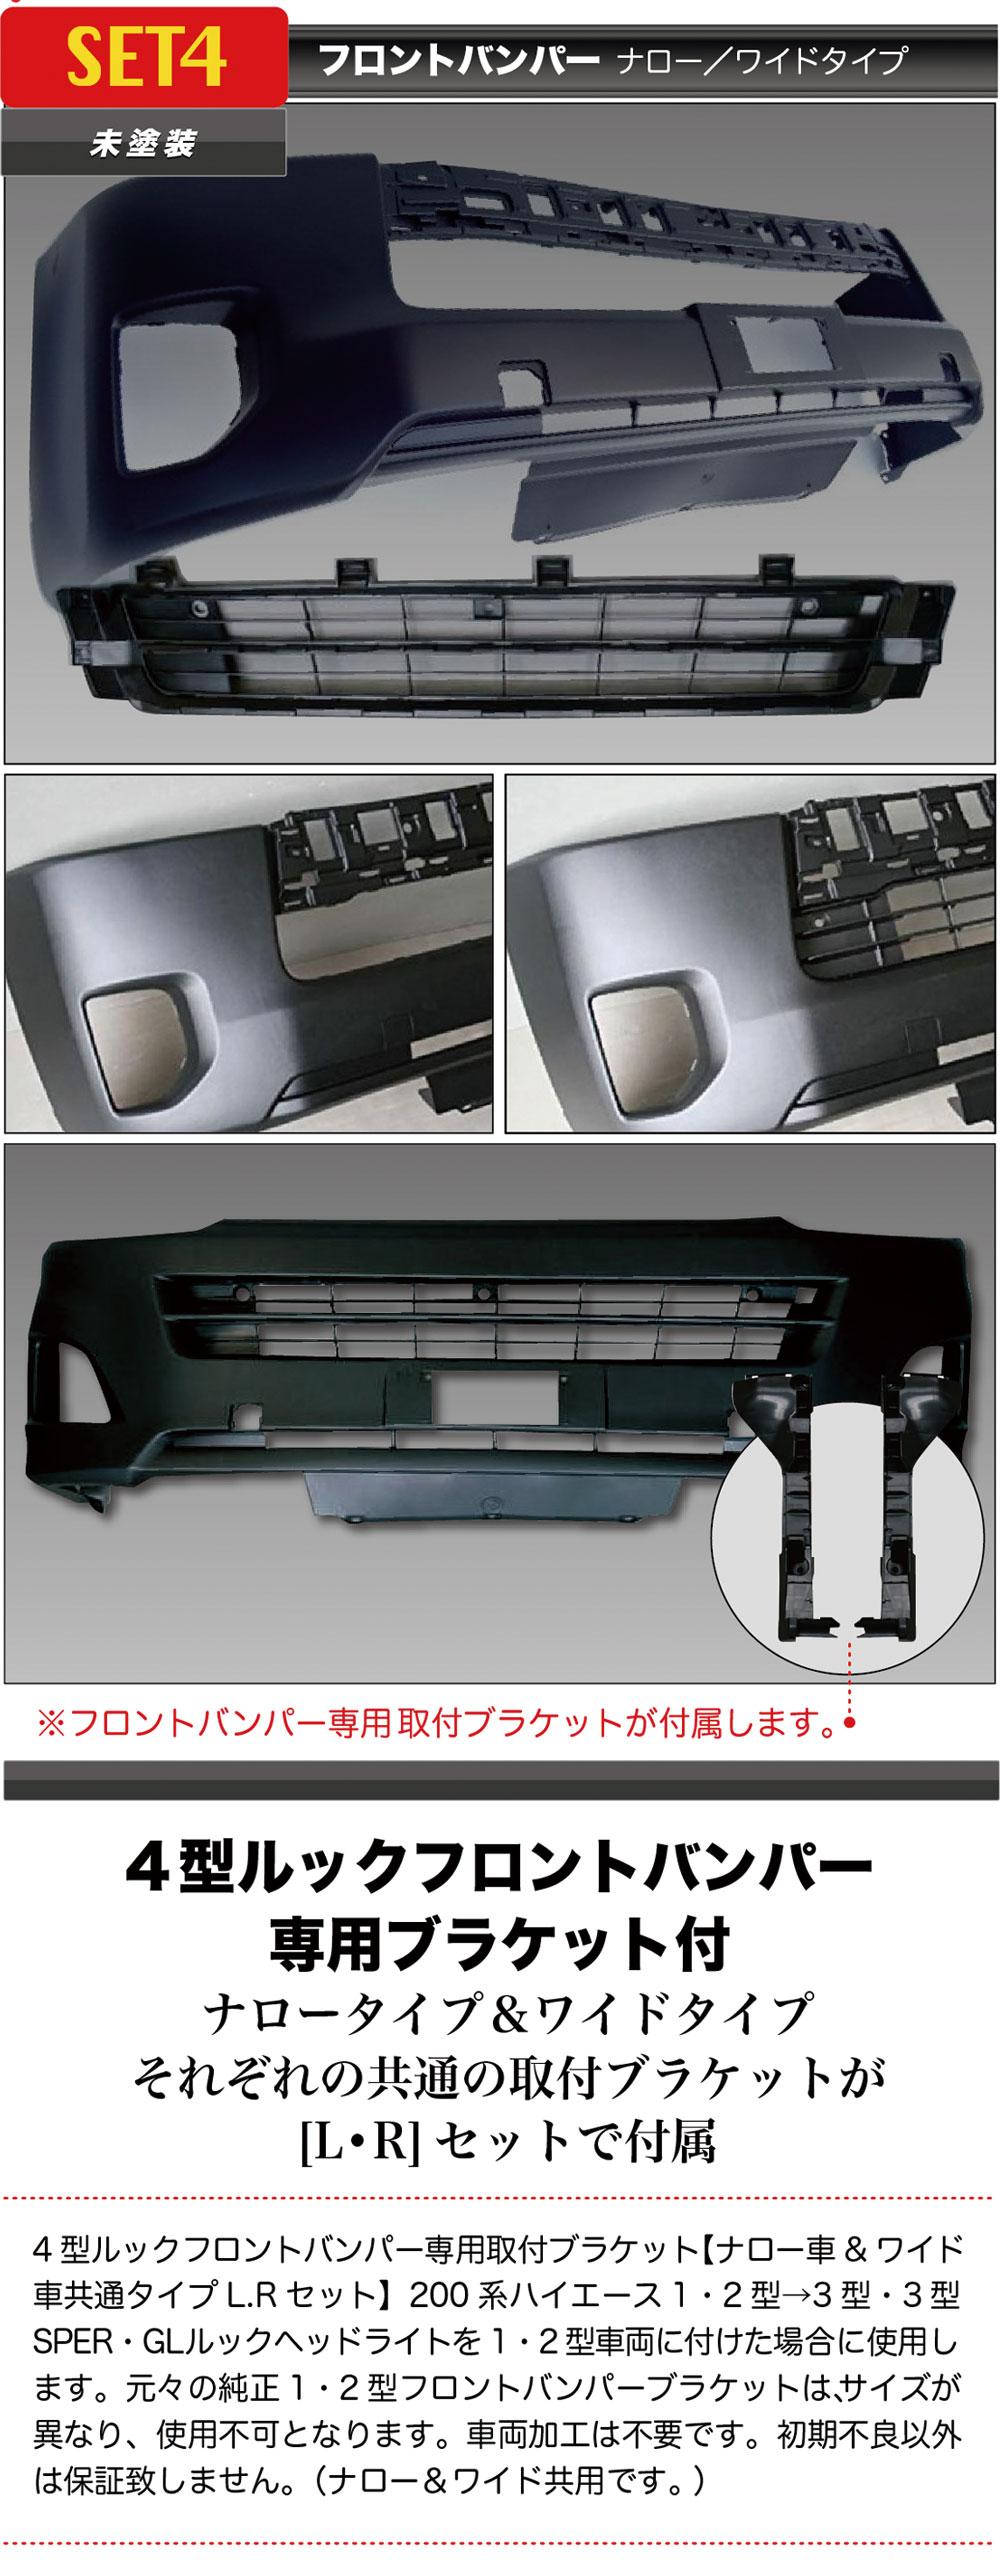 トヨタ TOYOTA 200系 ハイエース HiAce 4型 フェイスチェンジキット フロントバンパー BRiGHTX社製品 ブライトX ブライトx